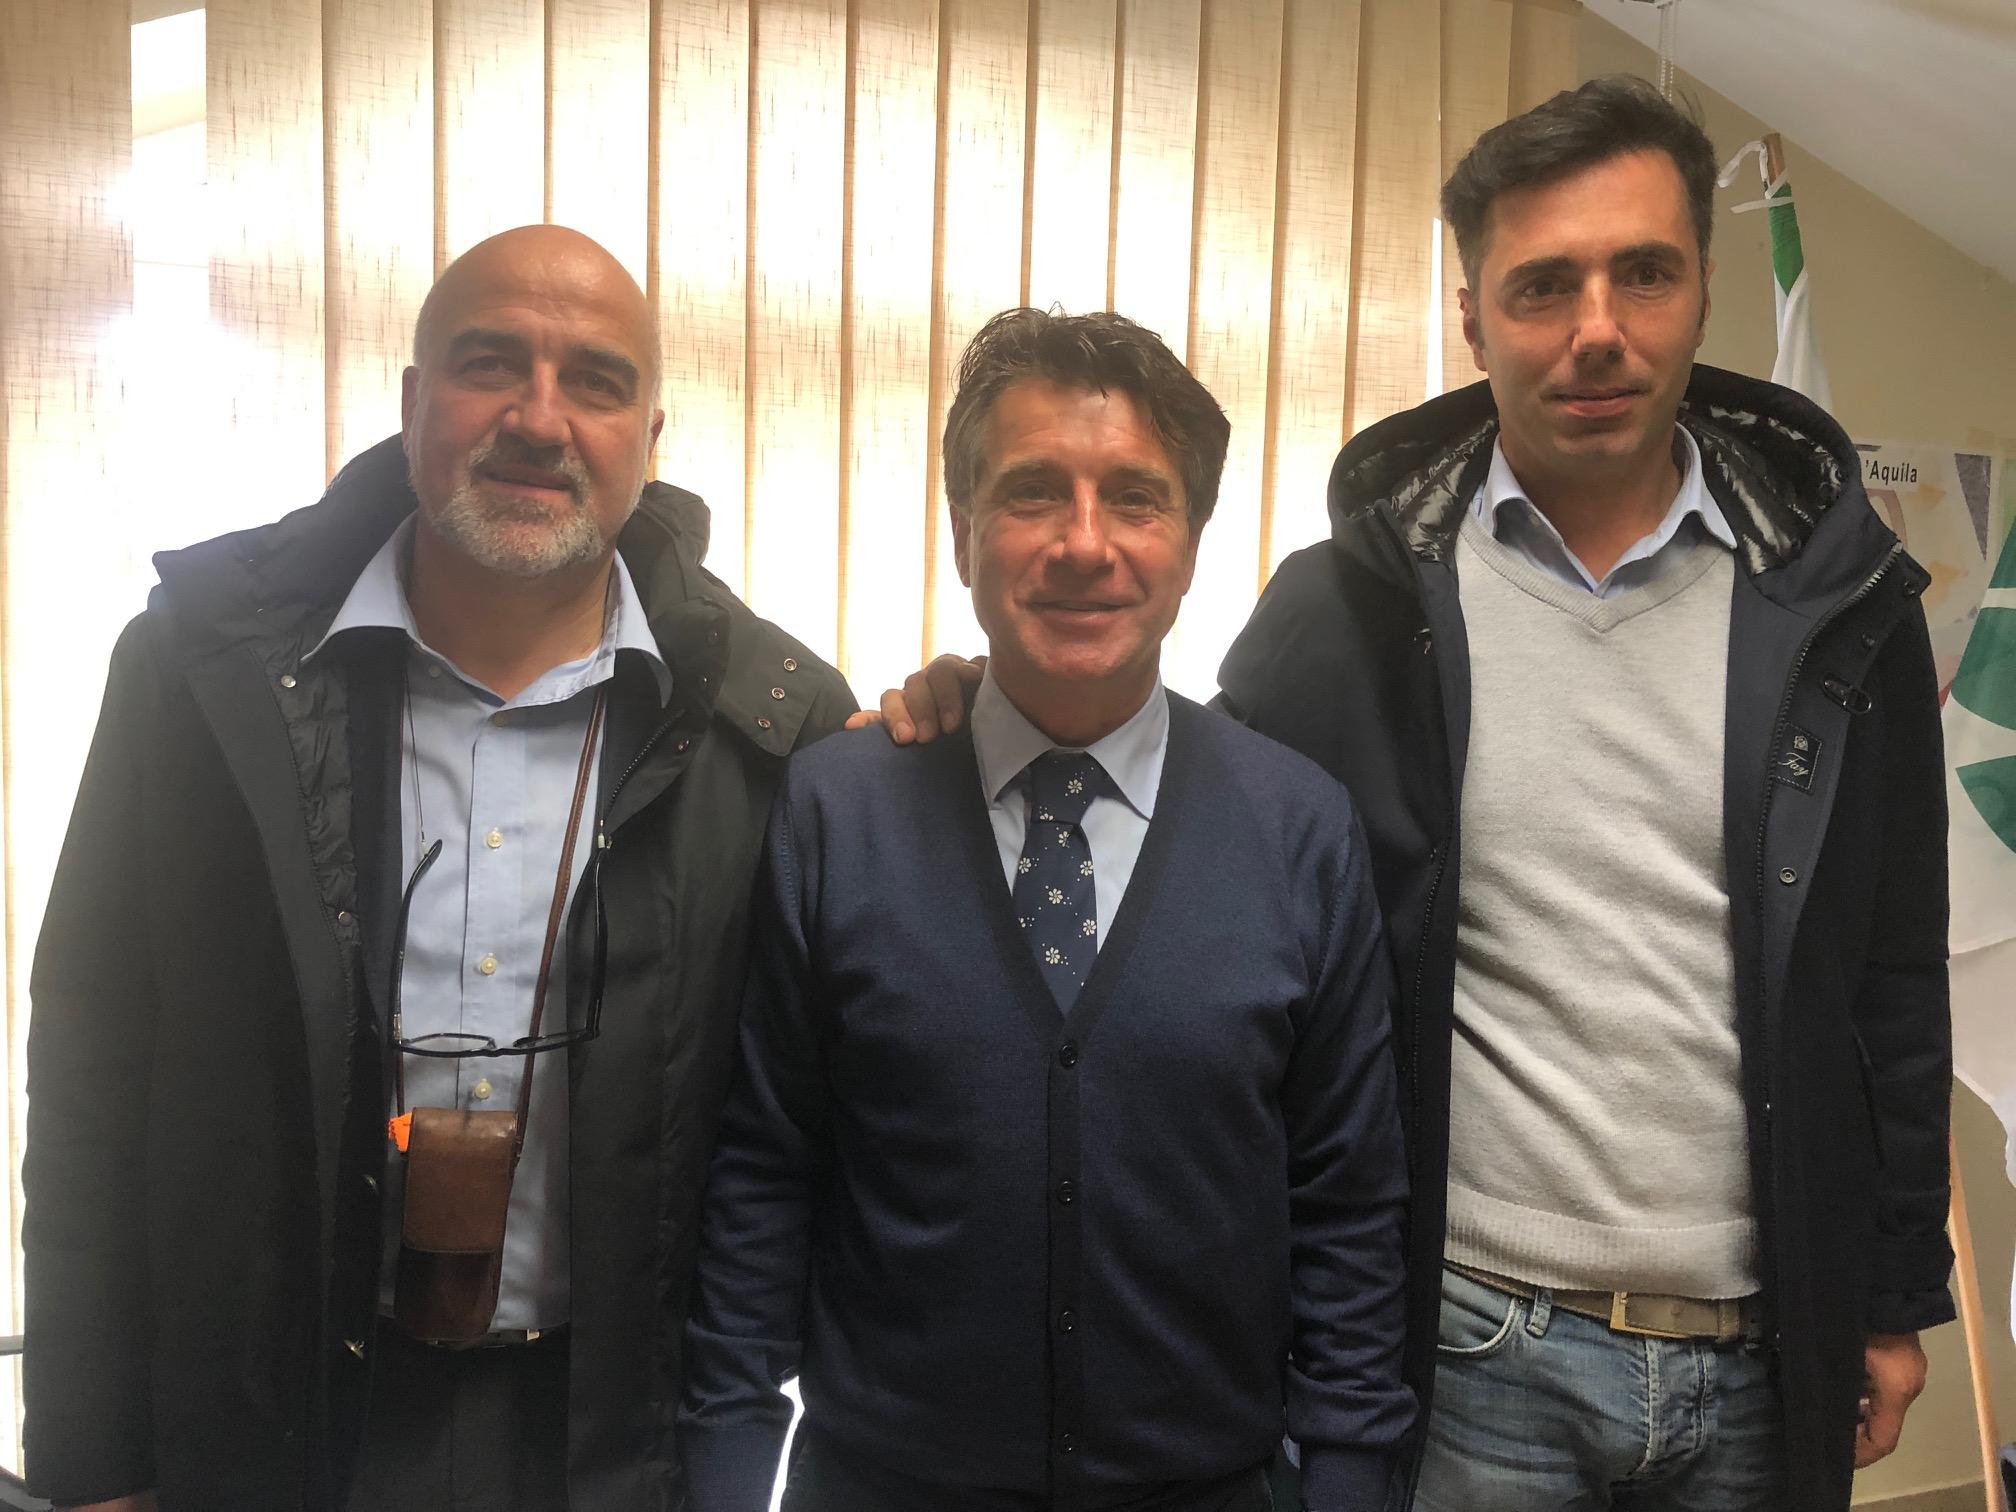 Confagricoltura L'Aquila: Fabrizio Lobene confermato Presidente. Fabio Spinosa Pingue e Claudio Scipioni Vice